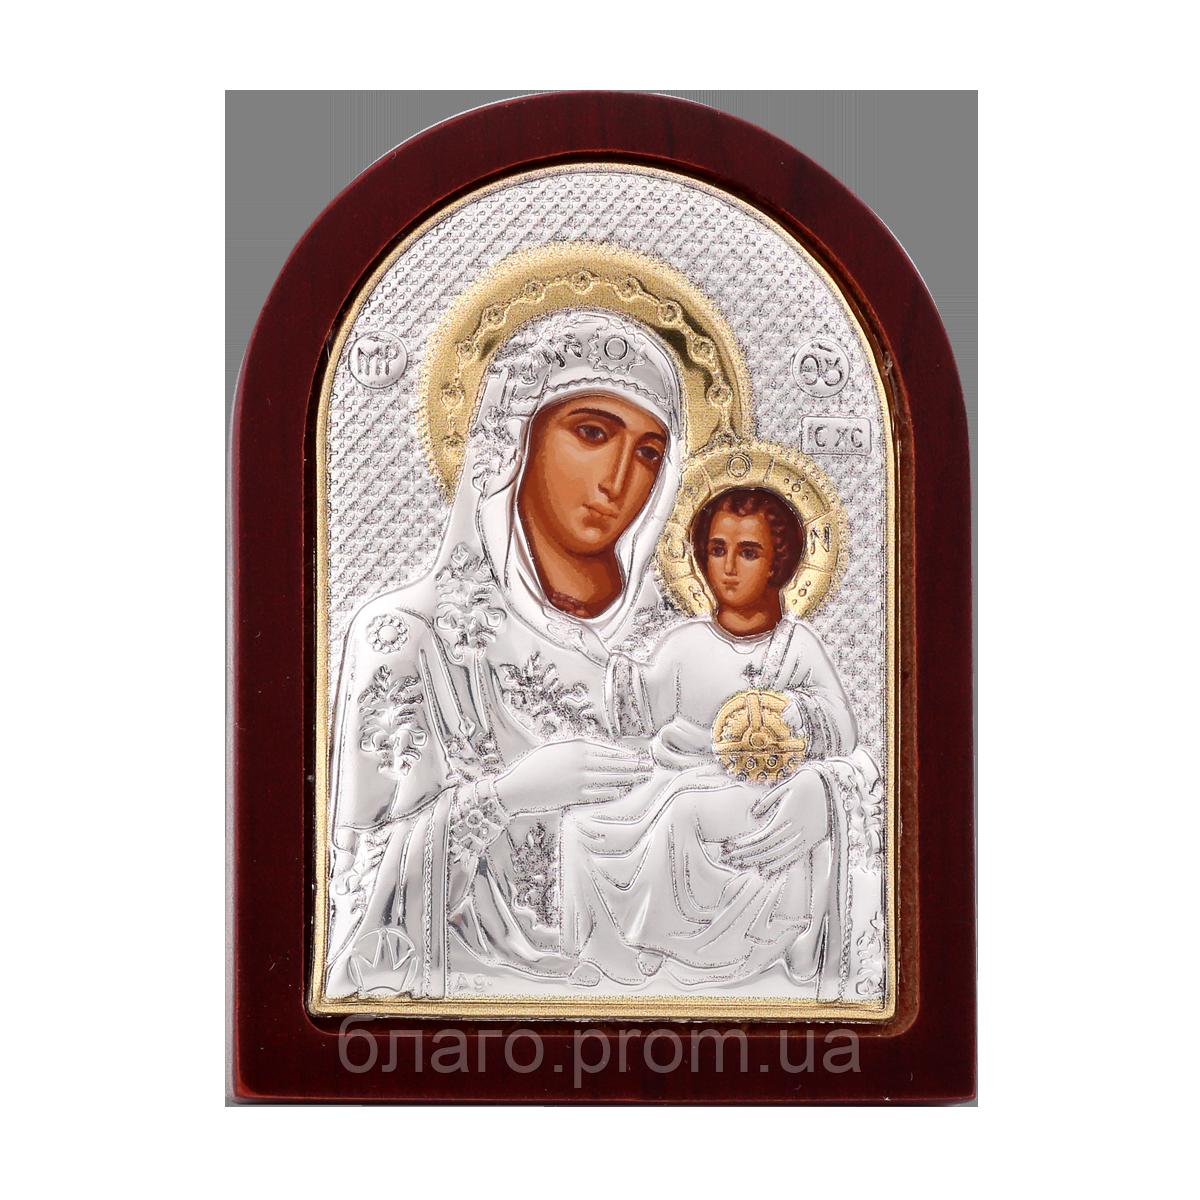 Икона Богородица Иерусалимская с магнитом